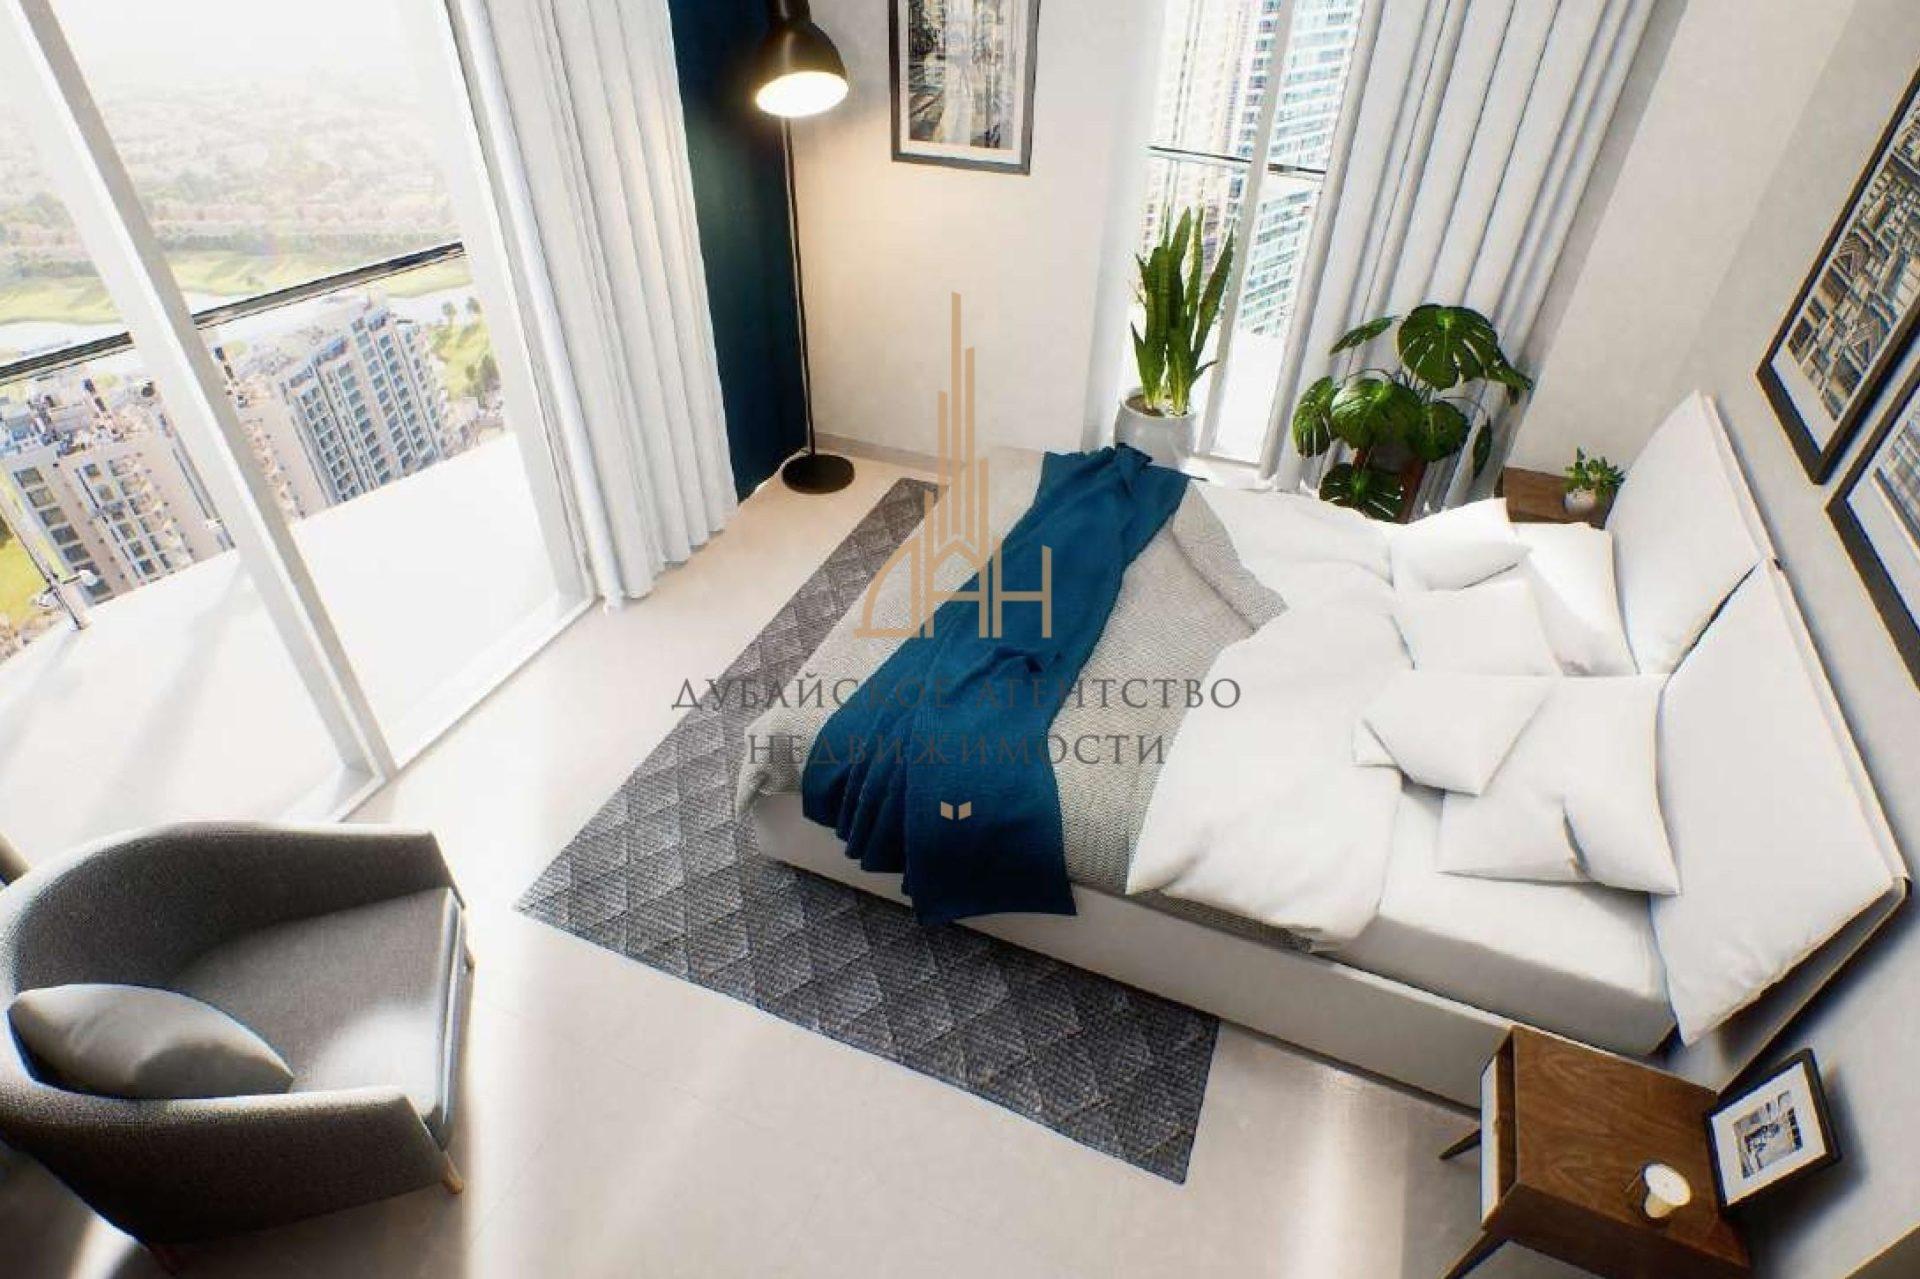 Меблированные апартаменты с 2 спальнями и мебелью в Golf Views Seven City